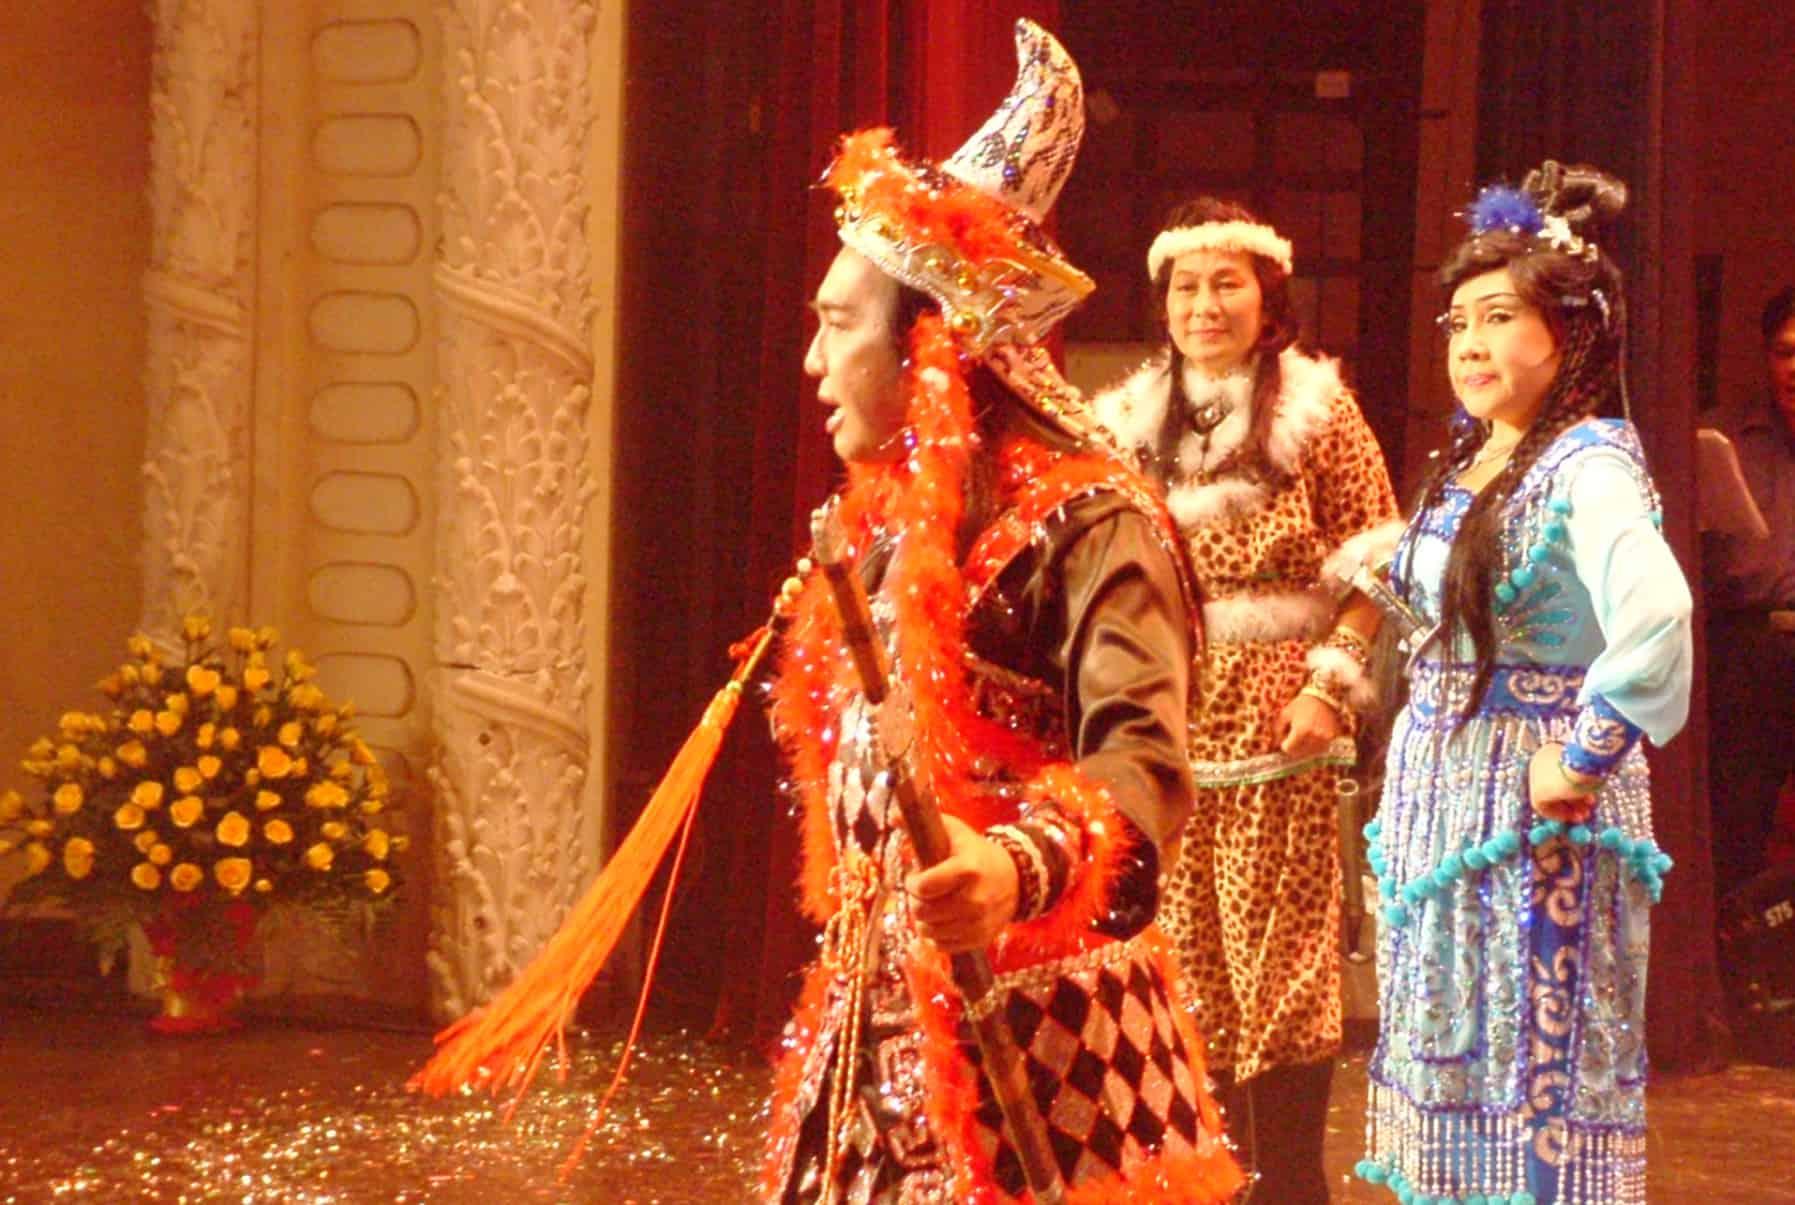 NSƯT Thanh Tuấn, Minh Phụng và NSND Lệ Thủy trong chương trình Làn điệu phương nam tại Nhà hát TP